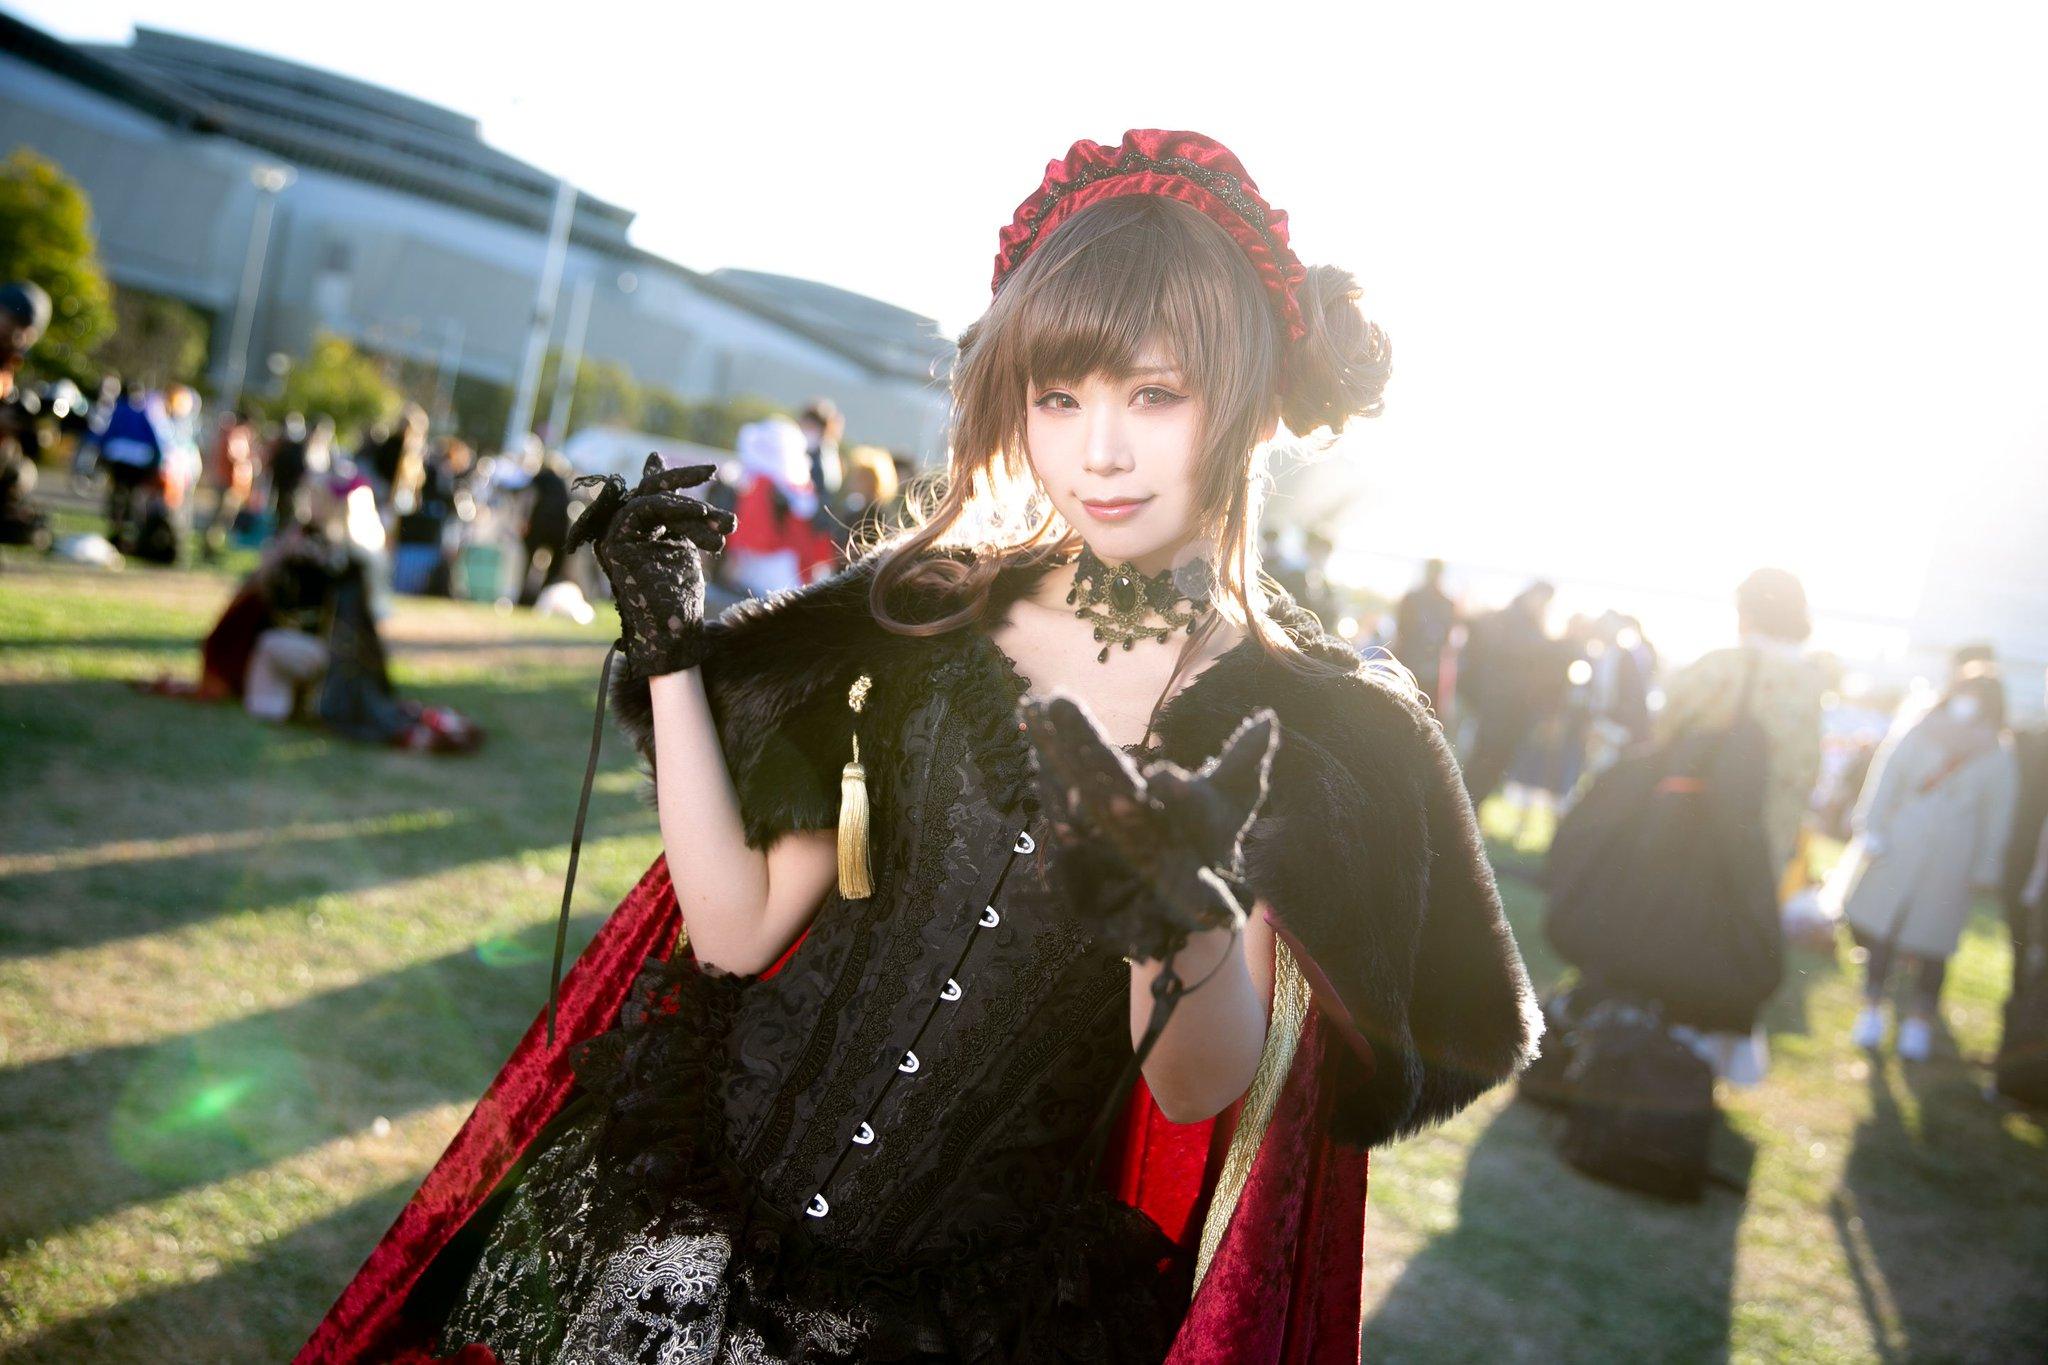 画像,企業ブース(KATE)五木あきらさん(@itsuki_akira)寒い中お写真撮らせていただき、ありがとうございました!!またよろしくお願いいたします。#C95…